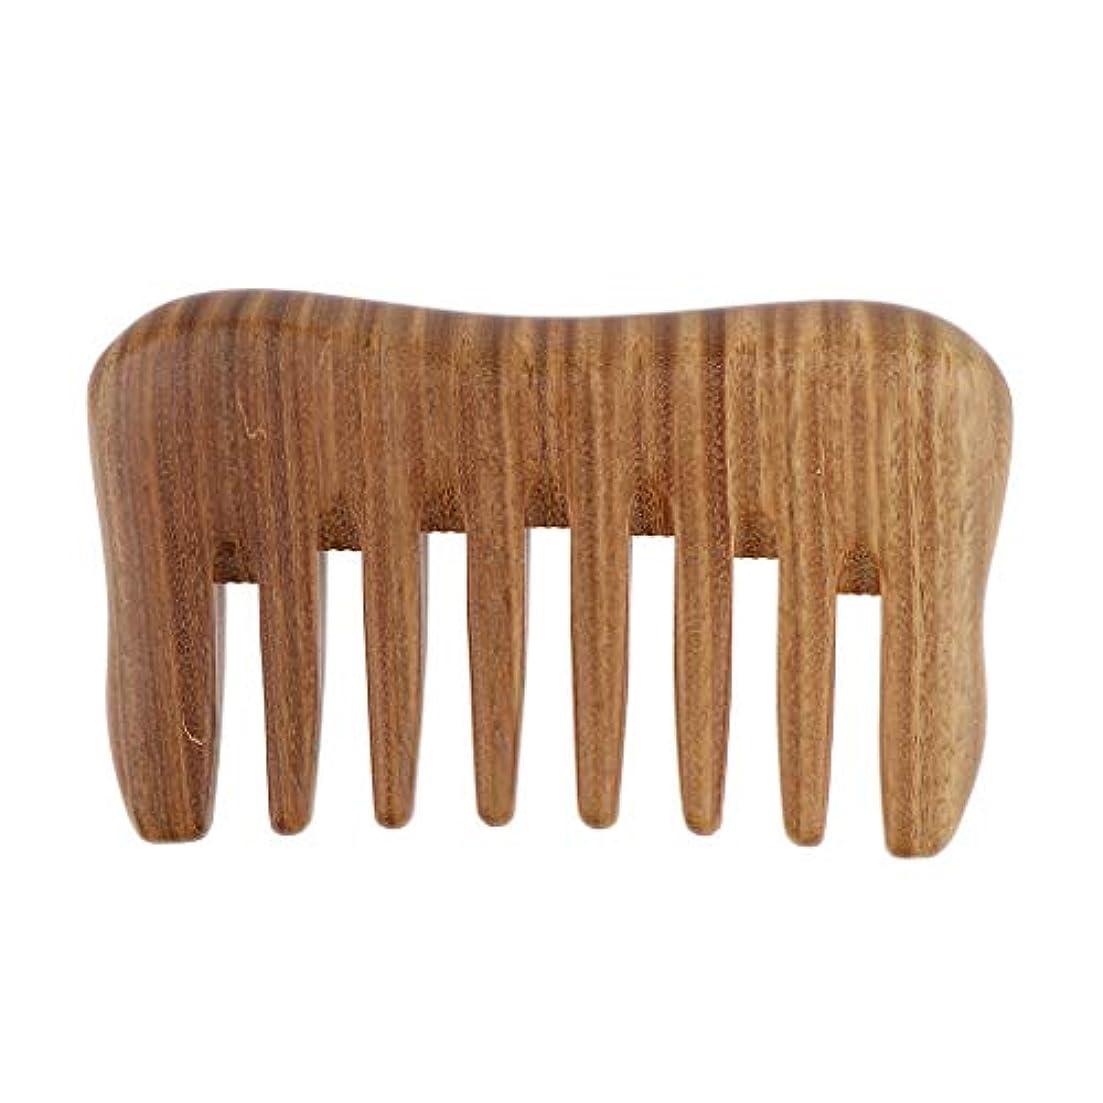 政令計画裁量帯電防止櫛 ウッドコーム ヘアケア 頭皮マッサージブラシ 携帯便利 3色選べ - ベラウッド